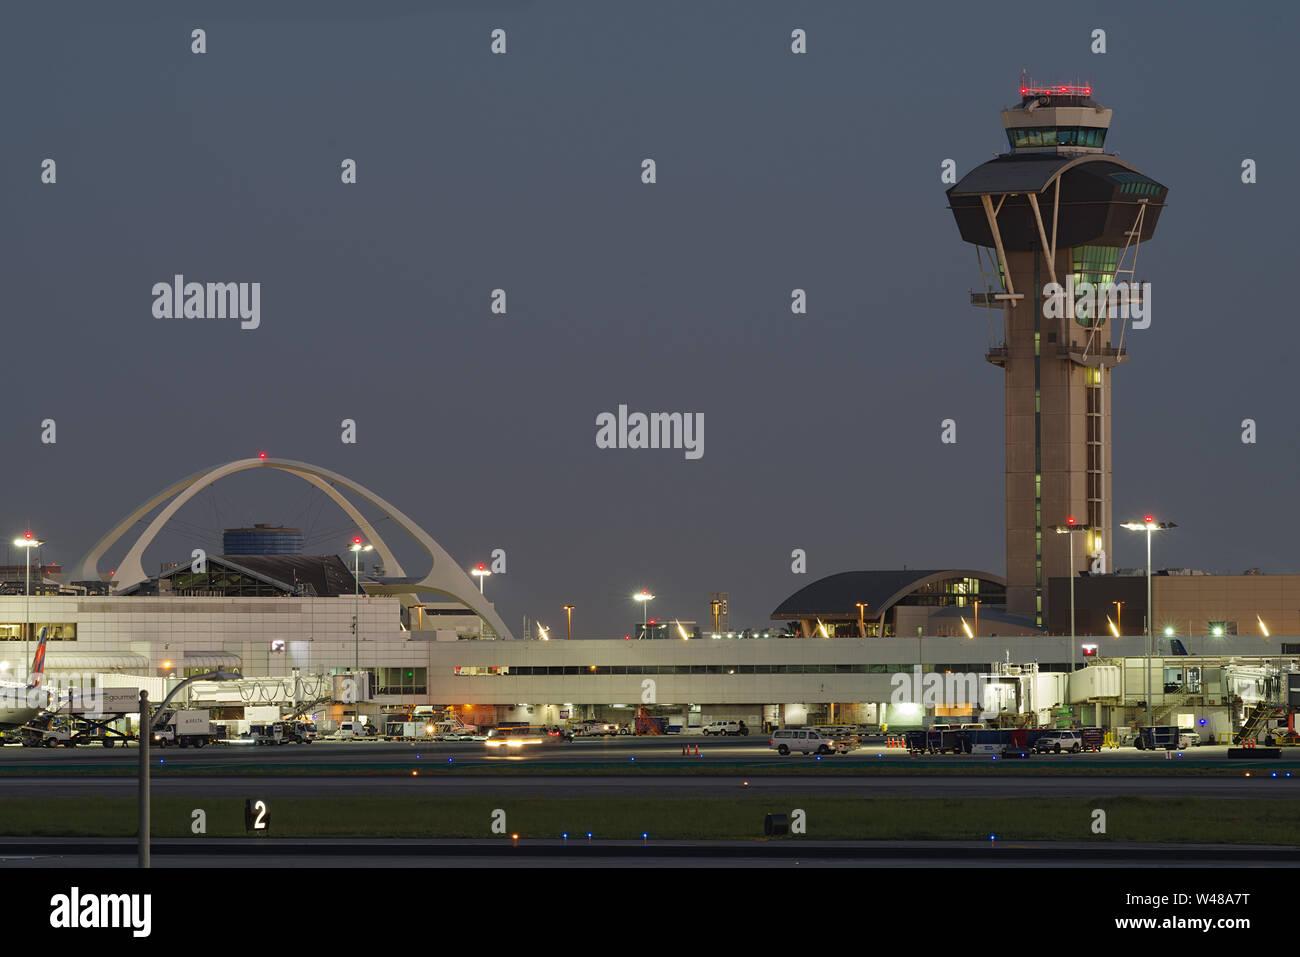 Imagen que muestra el tema emblemático edificio y la torre de control del aeropuerto de Los Angeles Anternational, LAX. Foto de stock